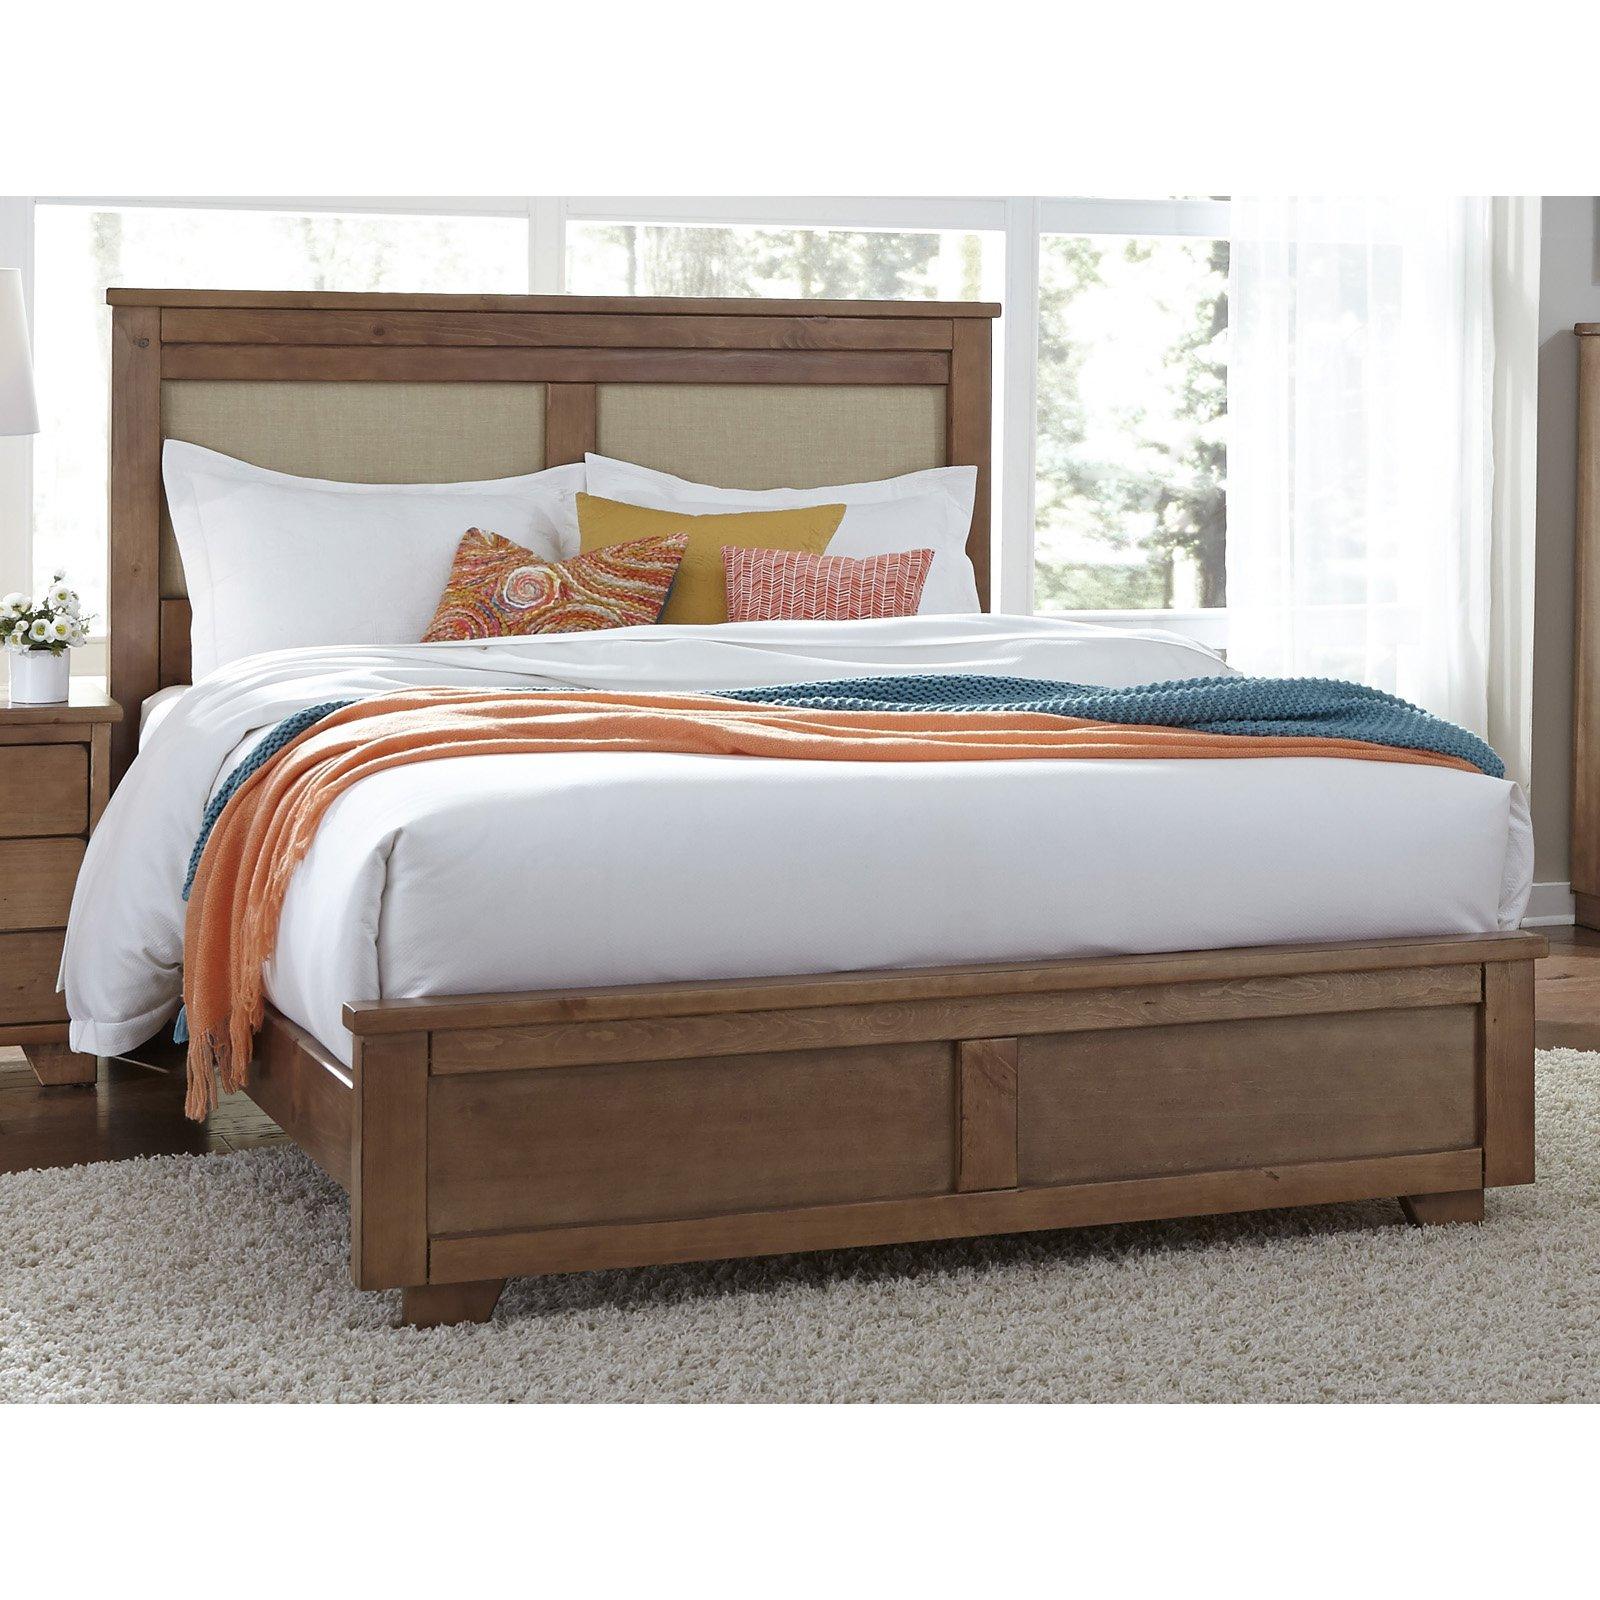 Progressive Furniture Diego Upholstered Panel Bed